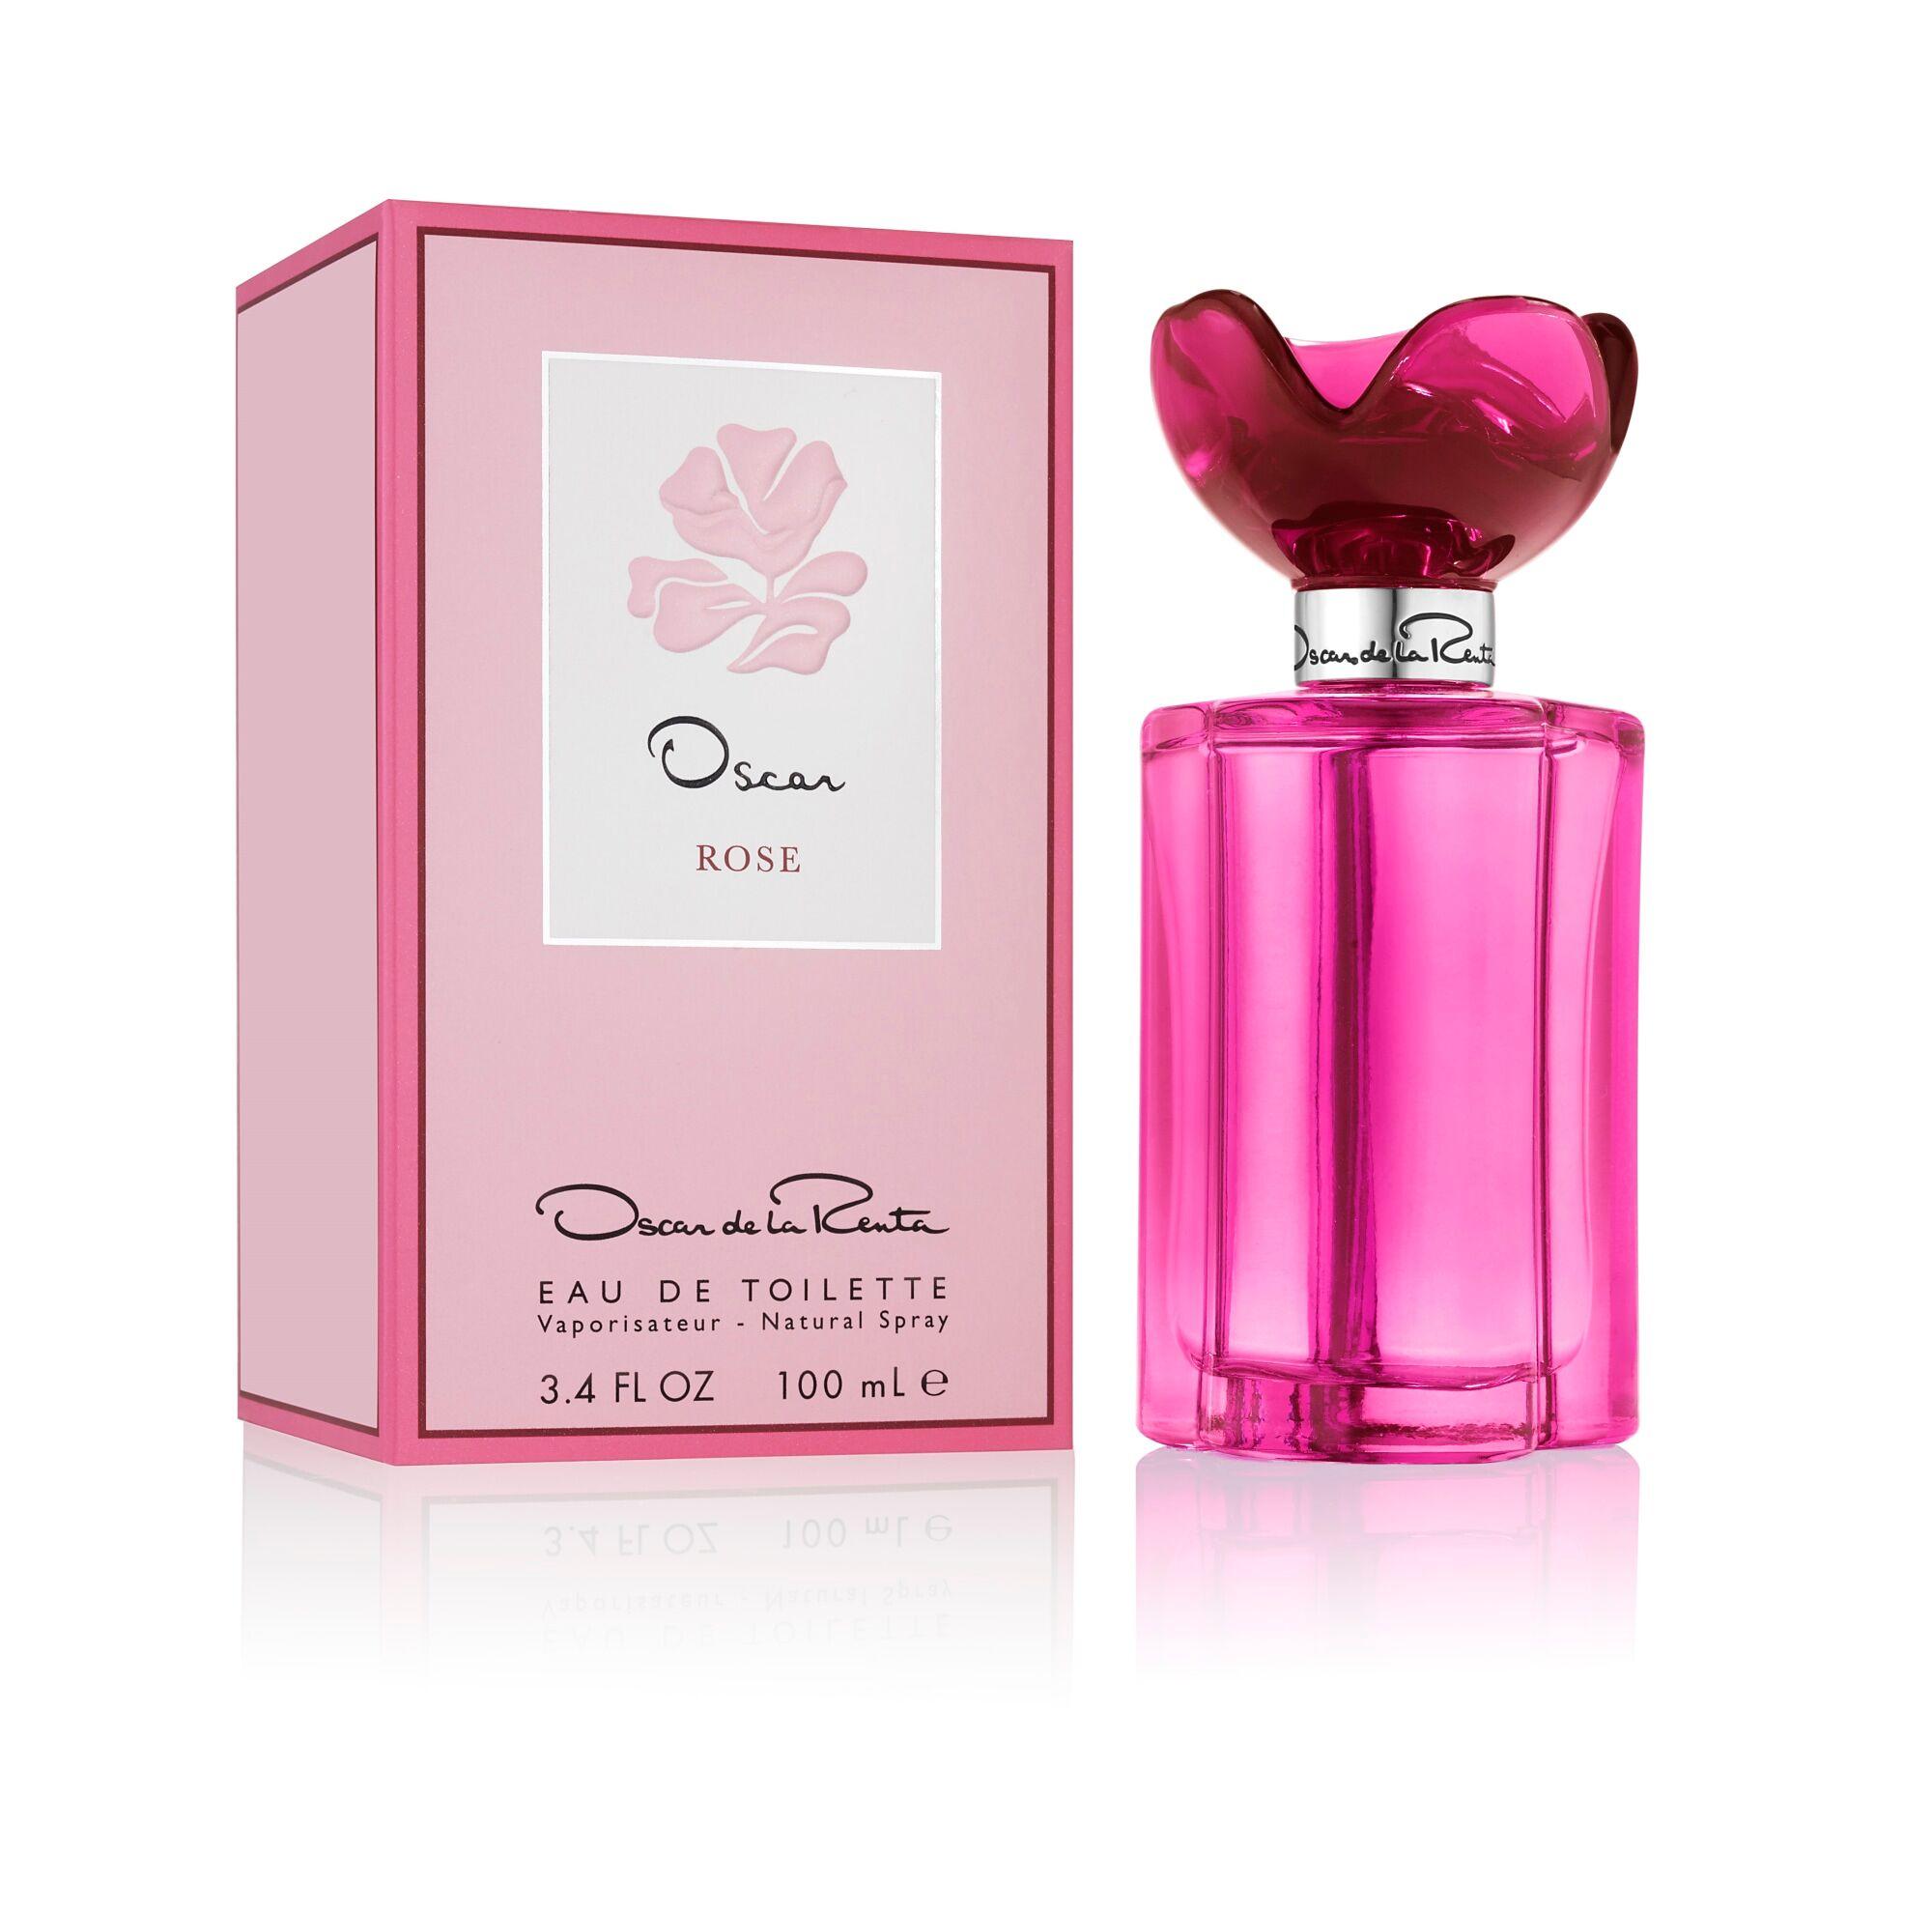 Oscar de la Renta Collection Rose 100 ml Eau de Toilette